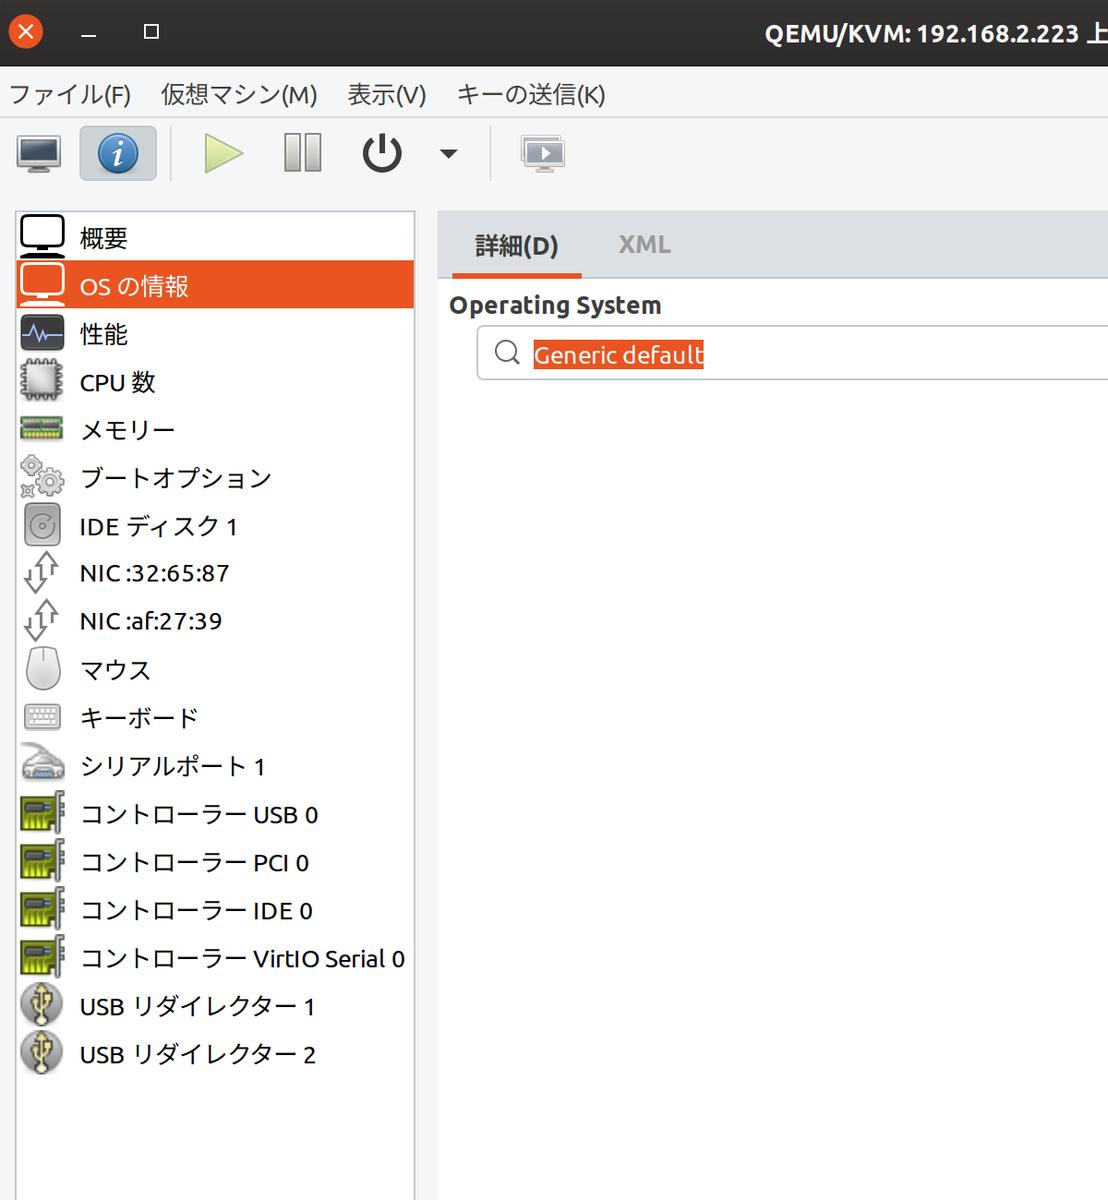 f:id:takuya_1st:20200130013333p:plain